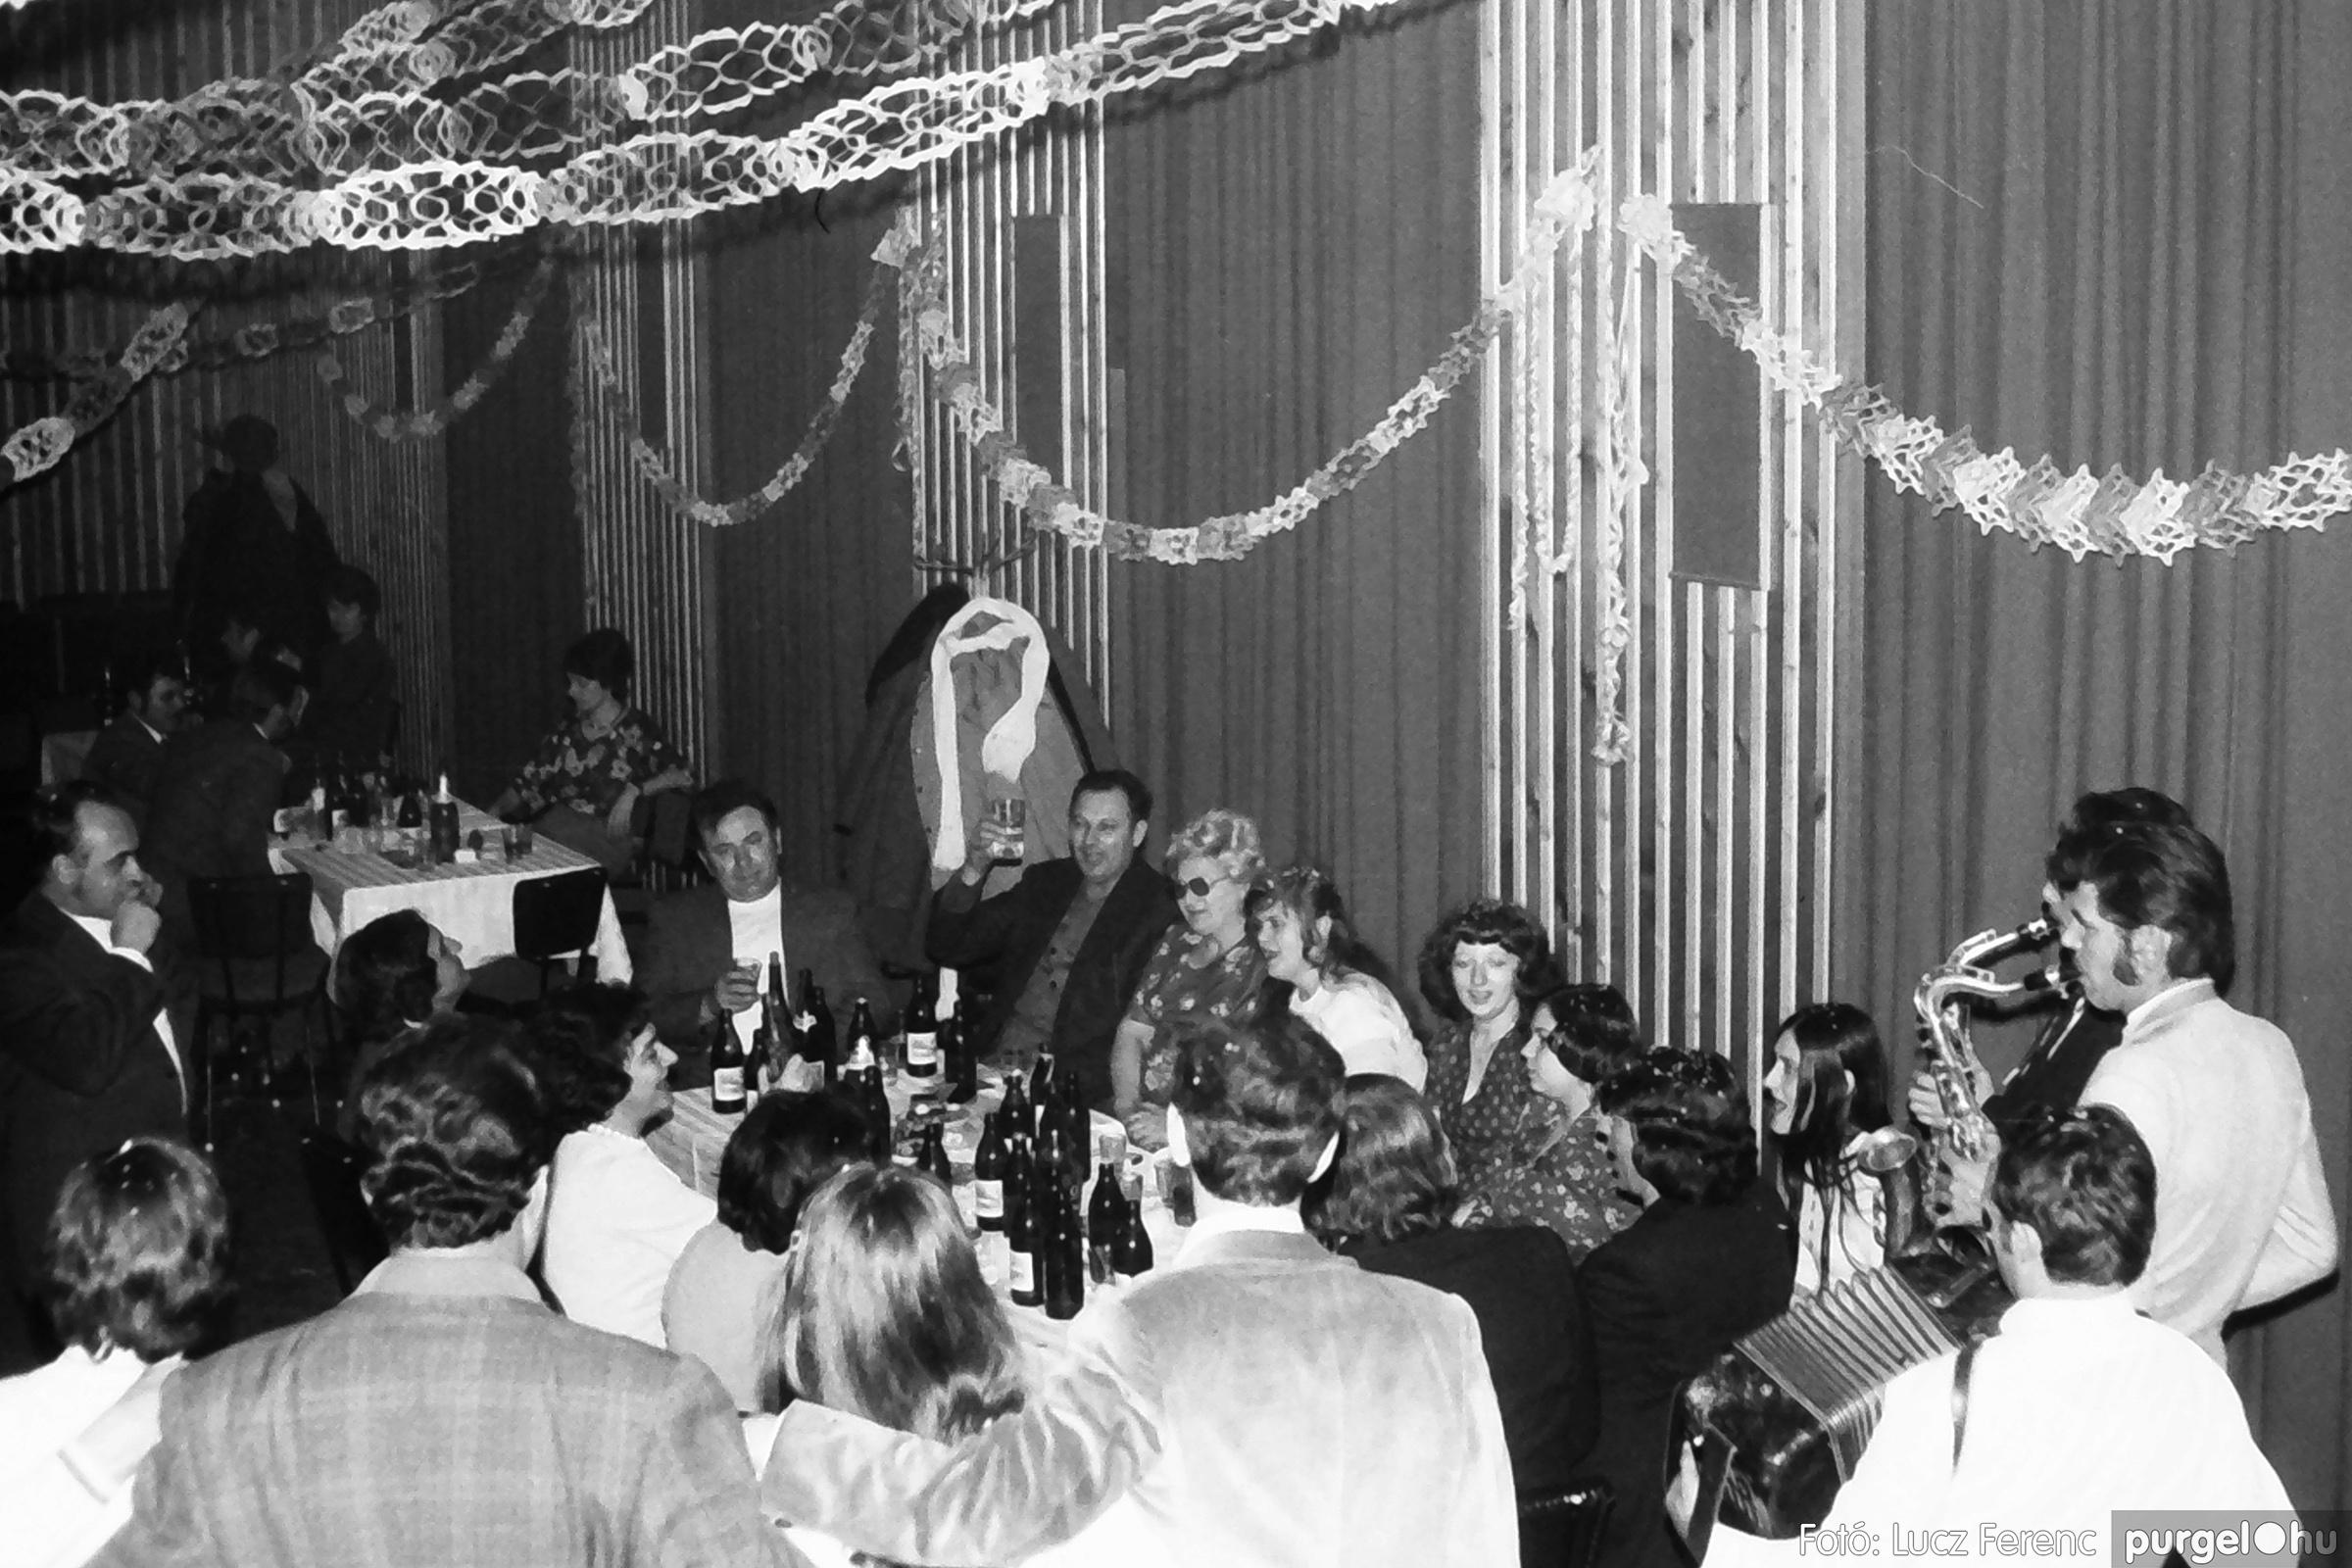 097. 1977.12.31. Szilveszter a kultúrházban 002. - Fotó: Lucz Ferenc.jpg